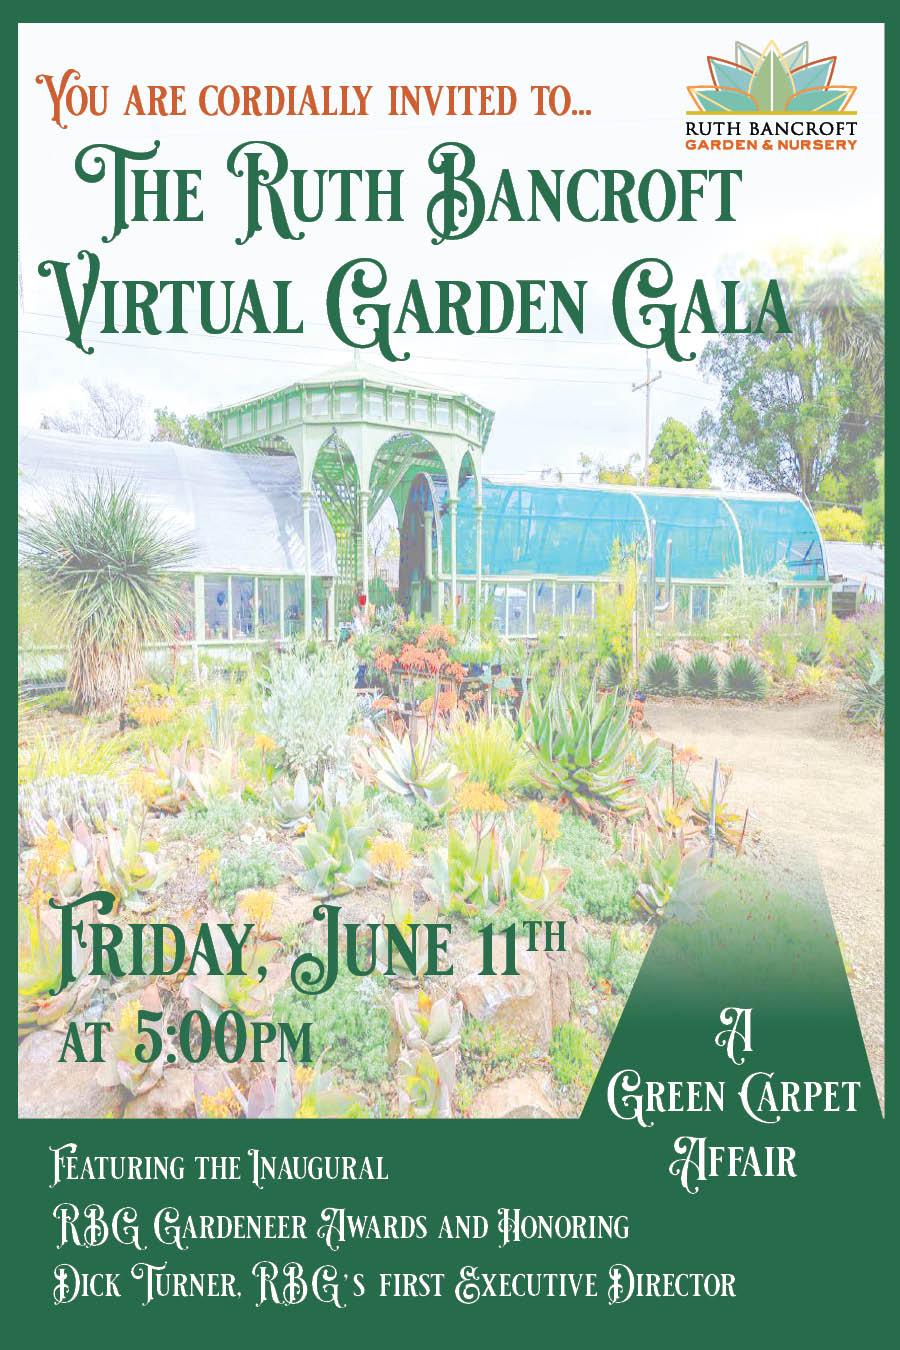 Garden gala 2021 logo and card